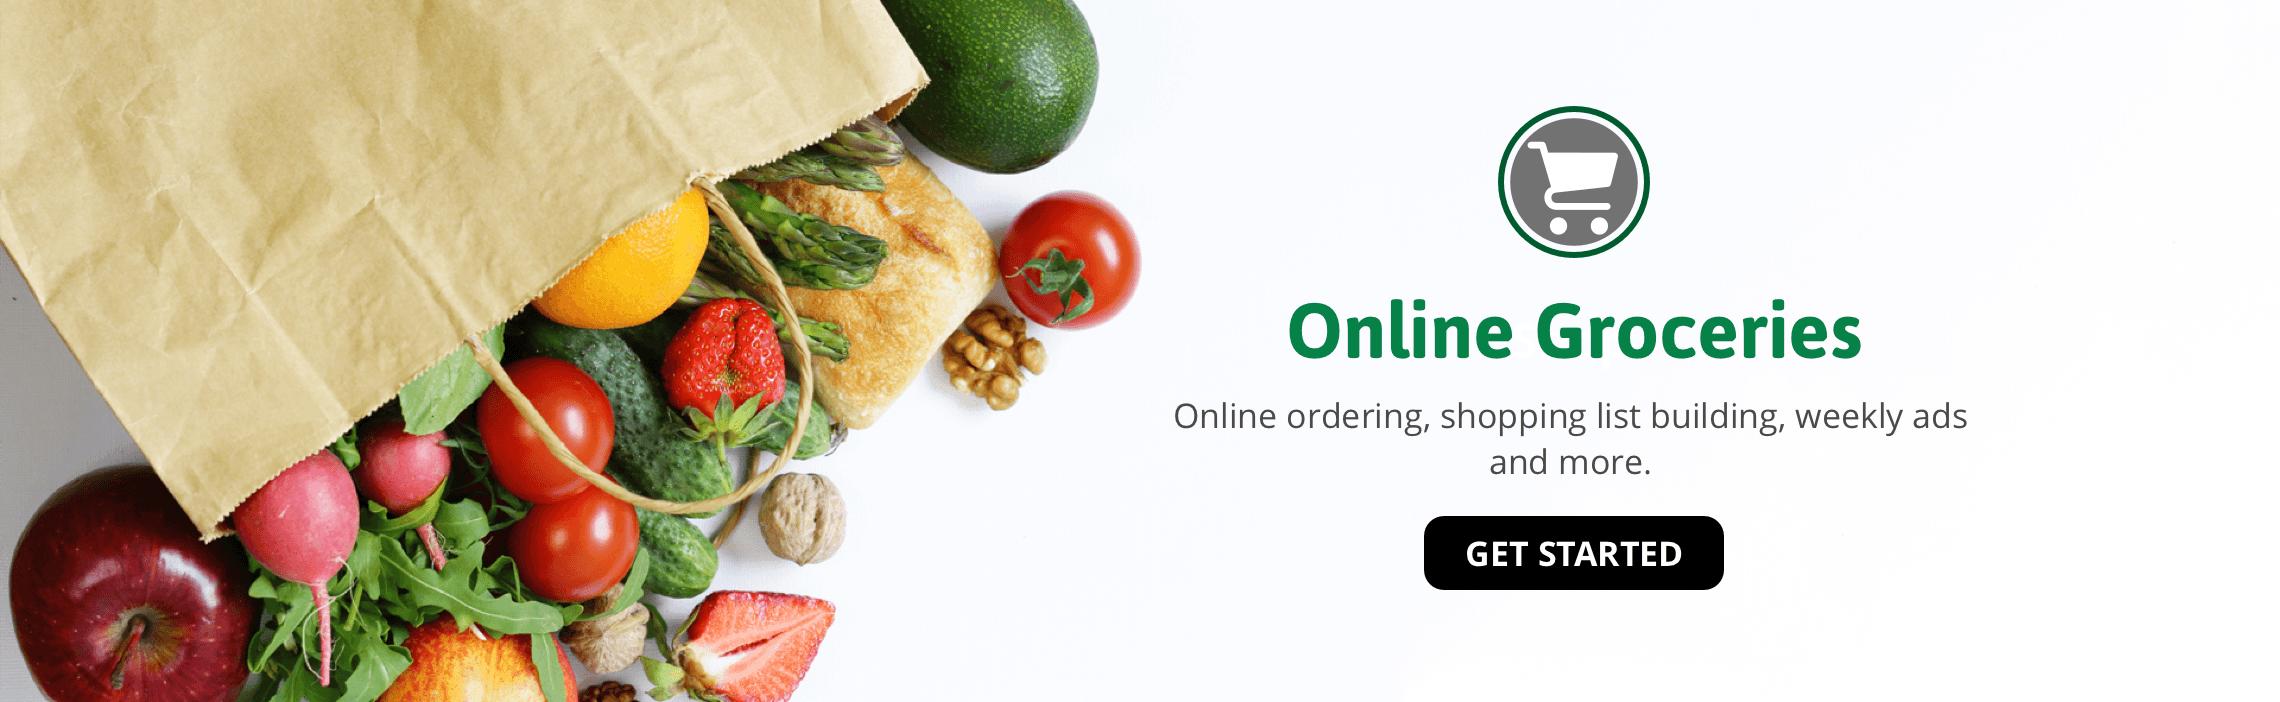 slider-online-groceries